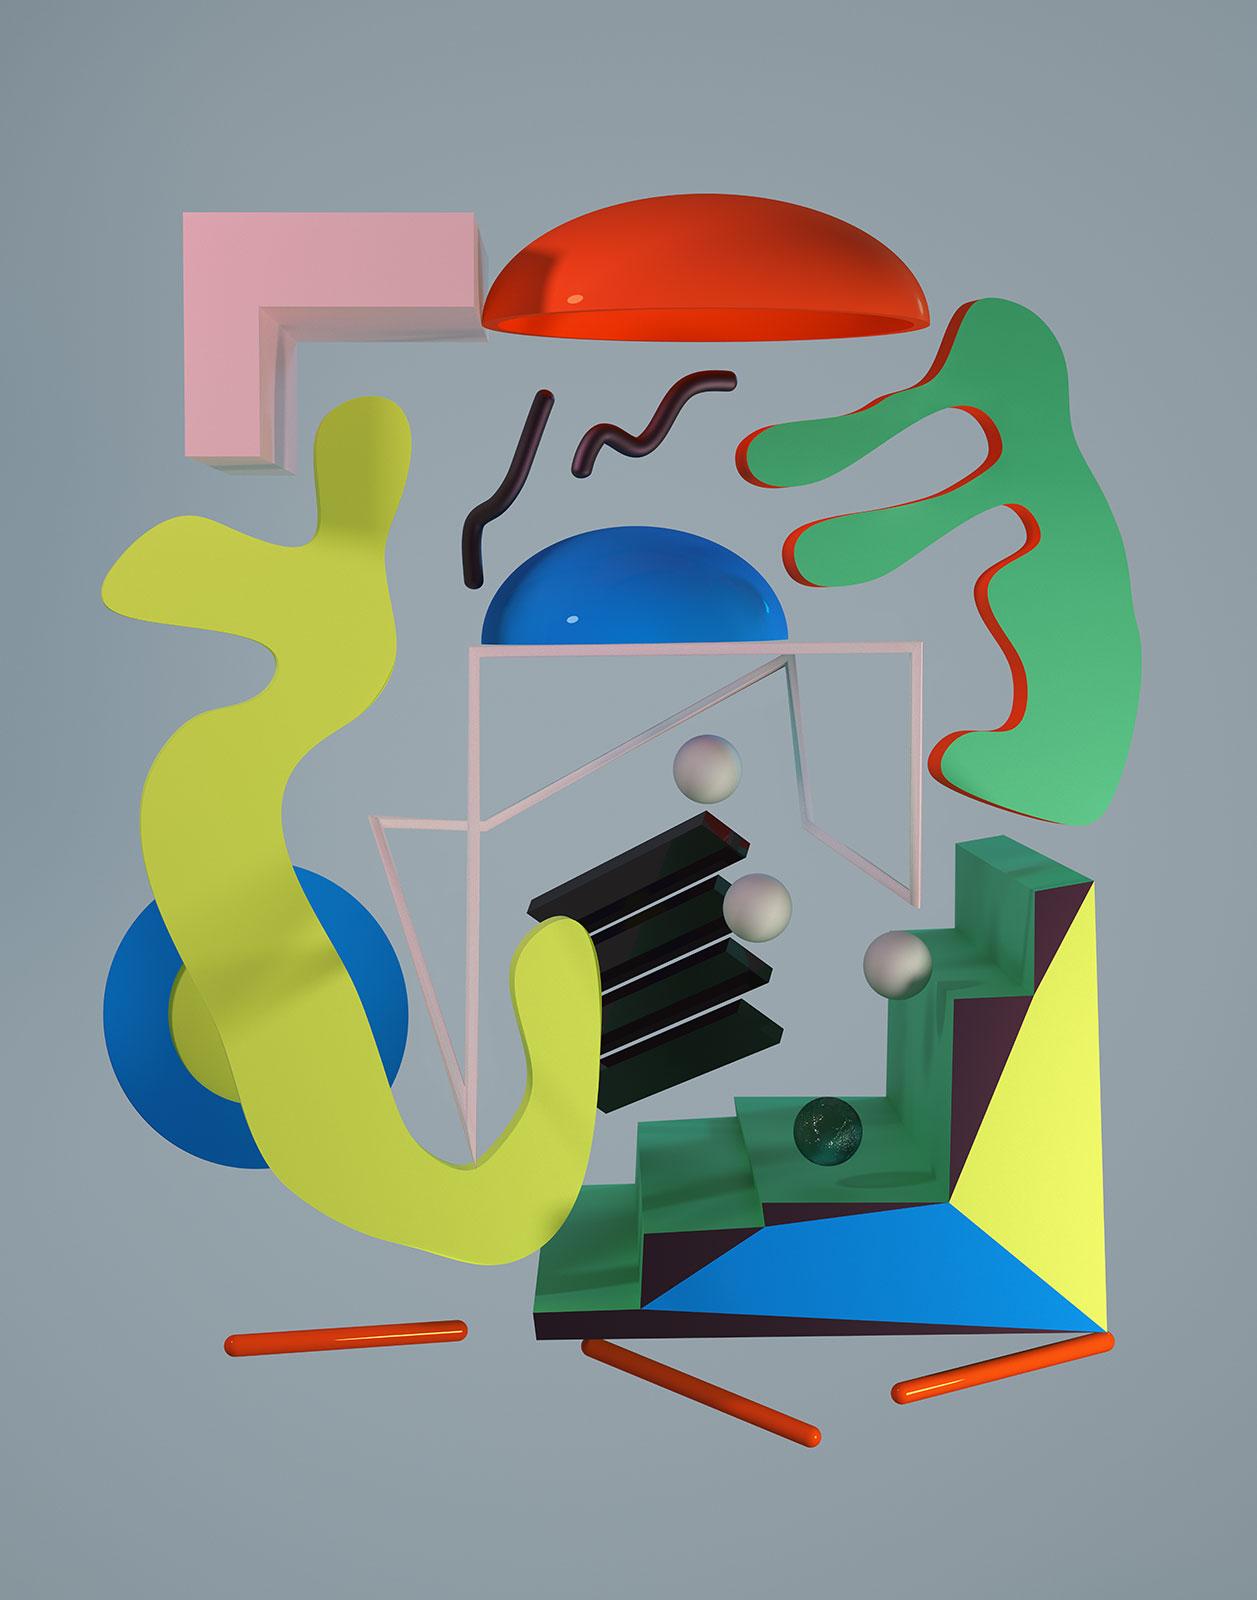 Komposition I 01, CGI Fine Art Print, 70 x 55 cm, 2012